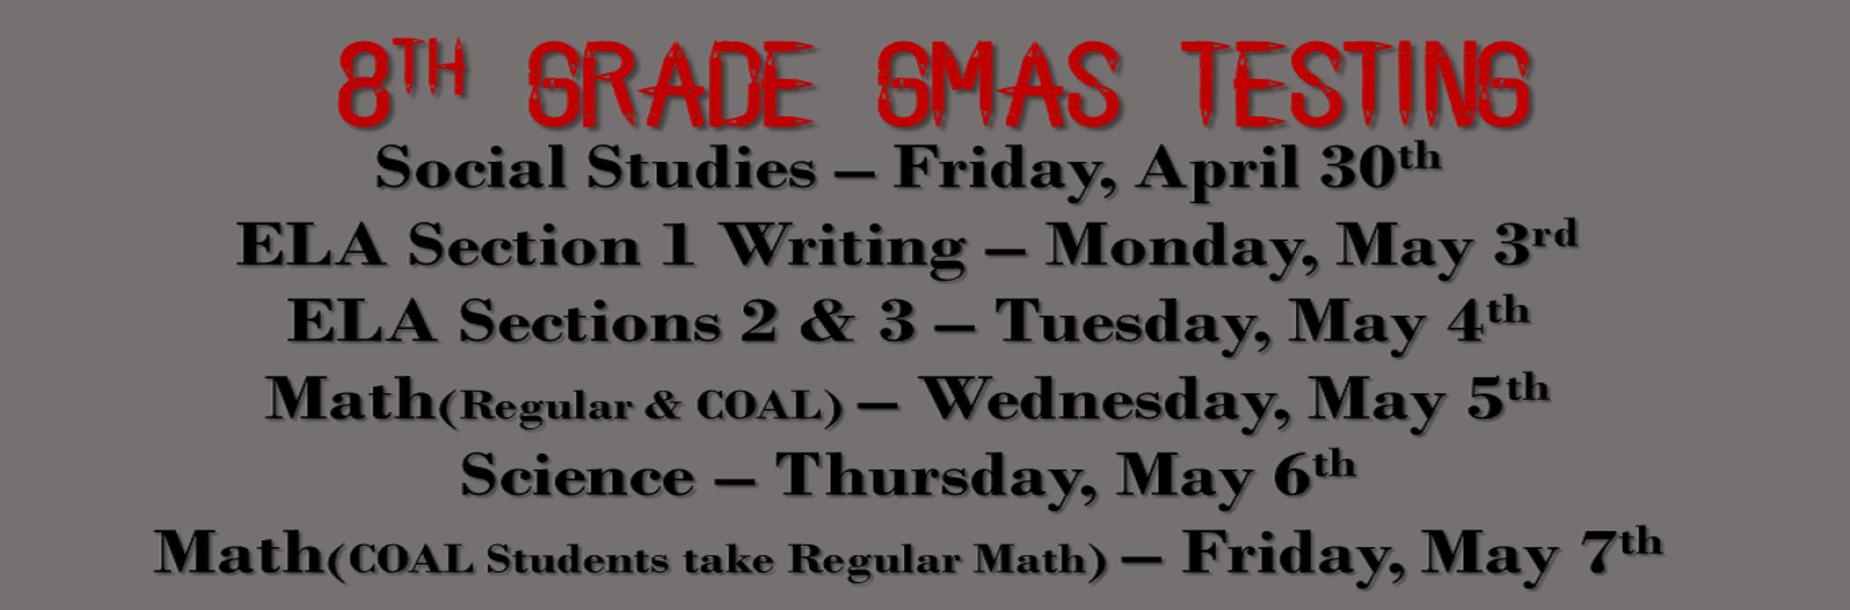 8th Grade GMAS